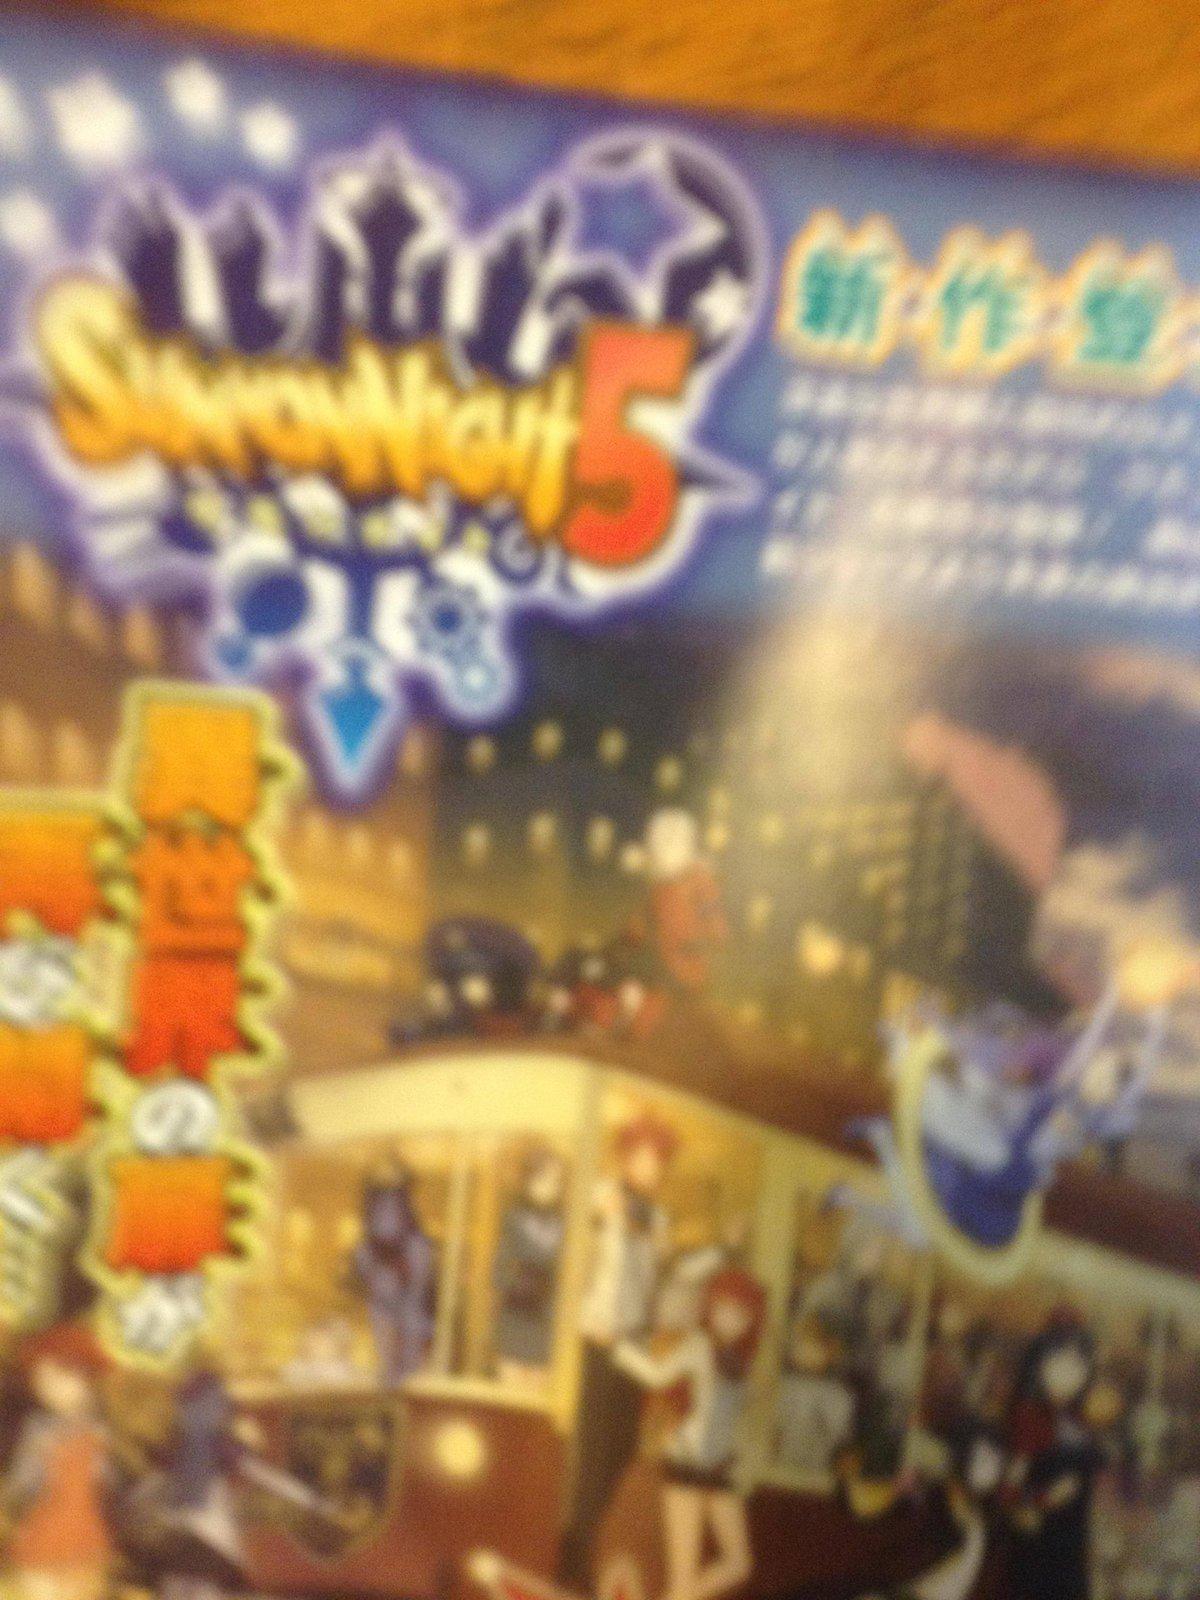 http://blog-imgs-45.fc2.com/a/n/k/ankosokuho/d58264c8.jpg